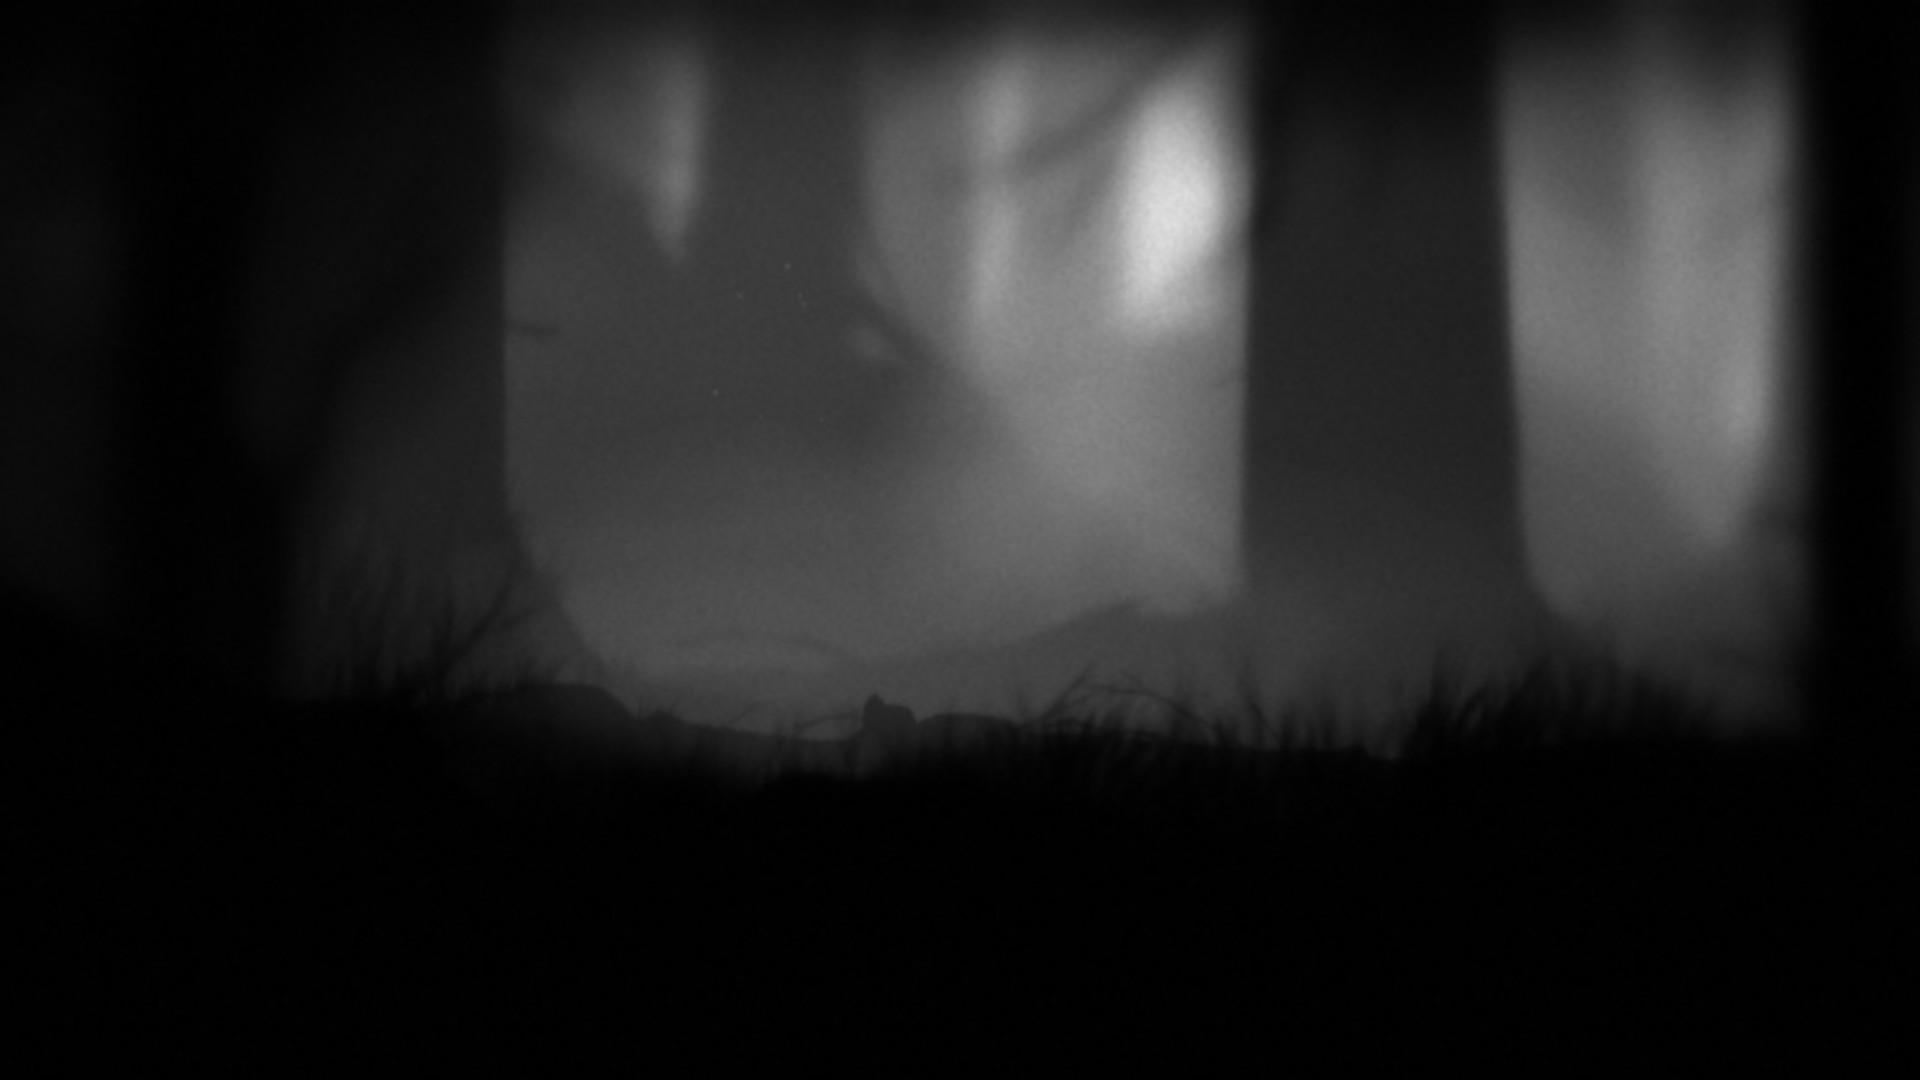 """Solange sich der Winter so trist gibt, wie im atmosphärischsten aller Hüpfspiele (""""Limbo""""), gibt es viele lange Abende, um das bunte Angebot historischer Inszenierungen in Videospielen auszuprobieren. Was ich dafür empfehle, siehe weiter unten (Abb.: eigener Screenshot aus Limbo)"""